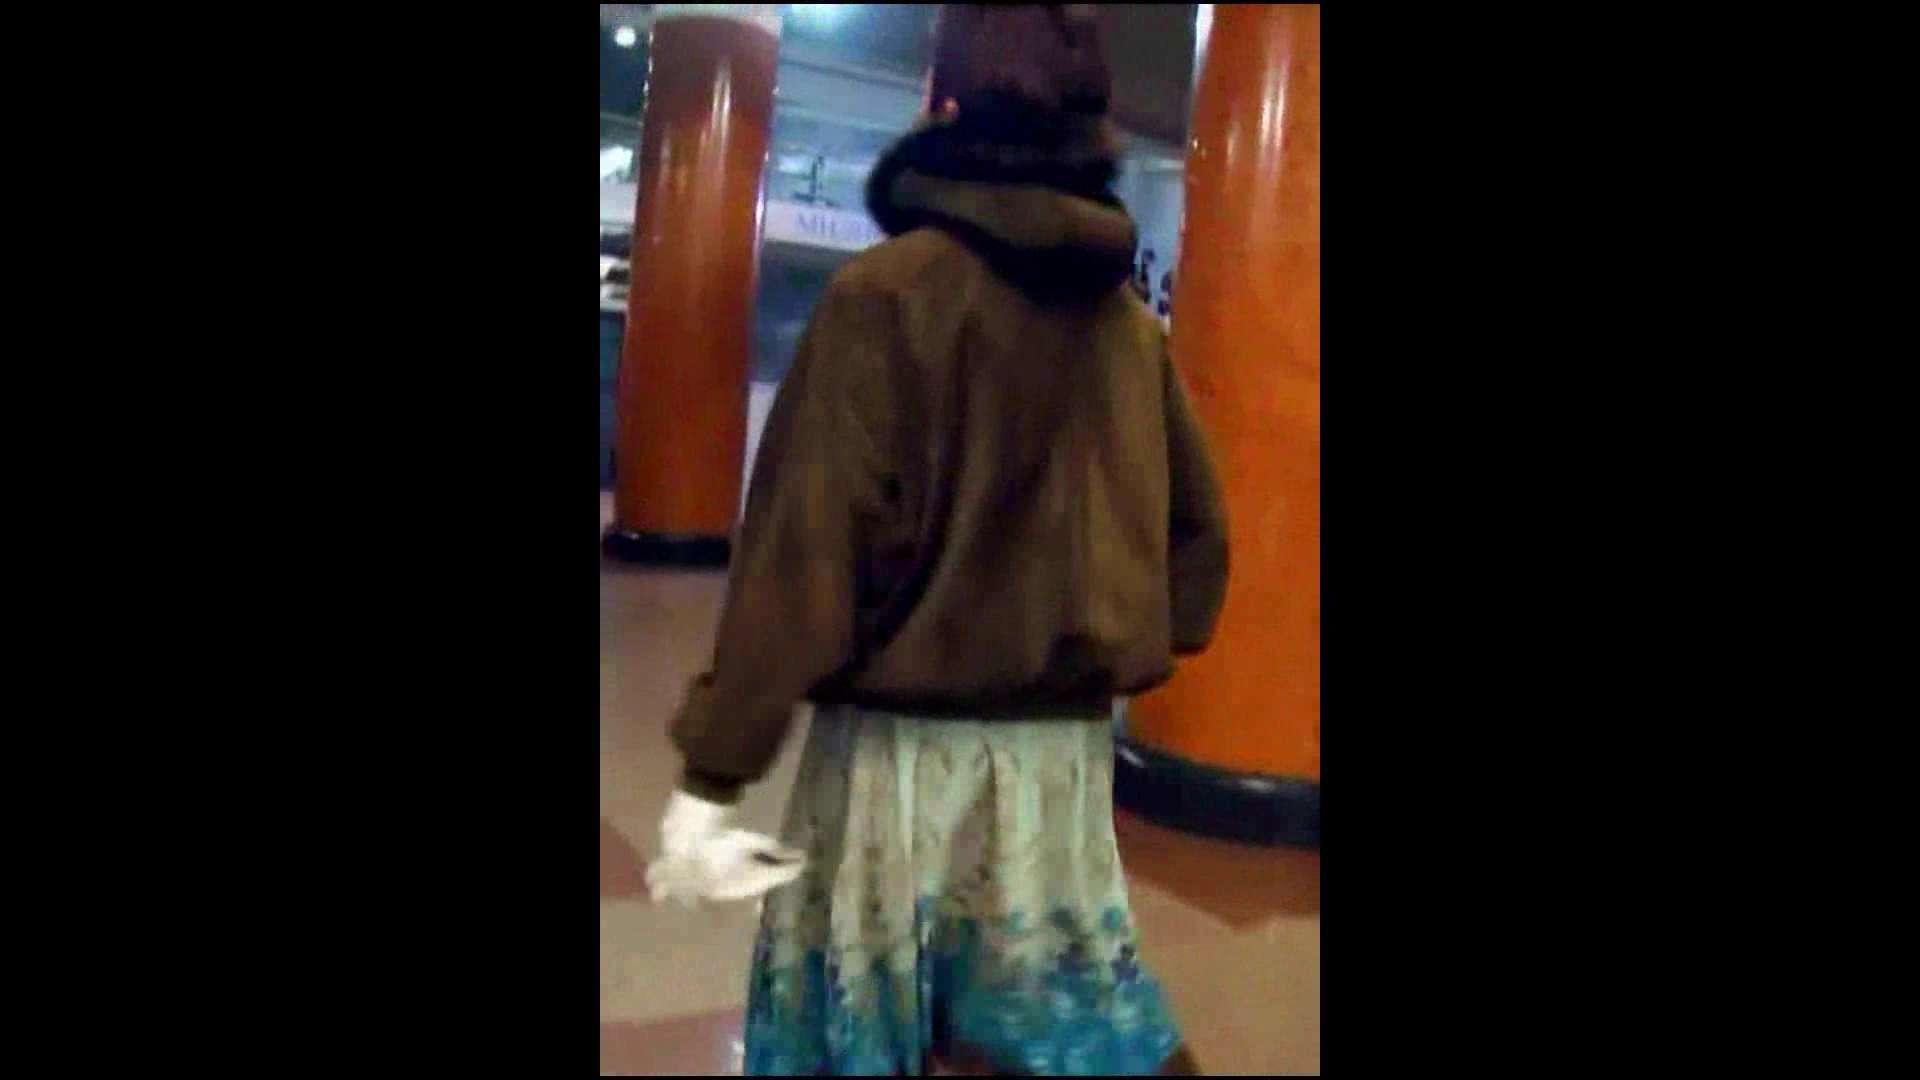 綺麗なモデルさんのスカート捲っちゃおう‼vol05 超エロモデル | 超エロお姉さん  98枚 49